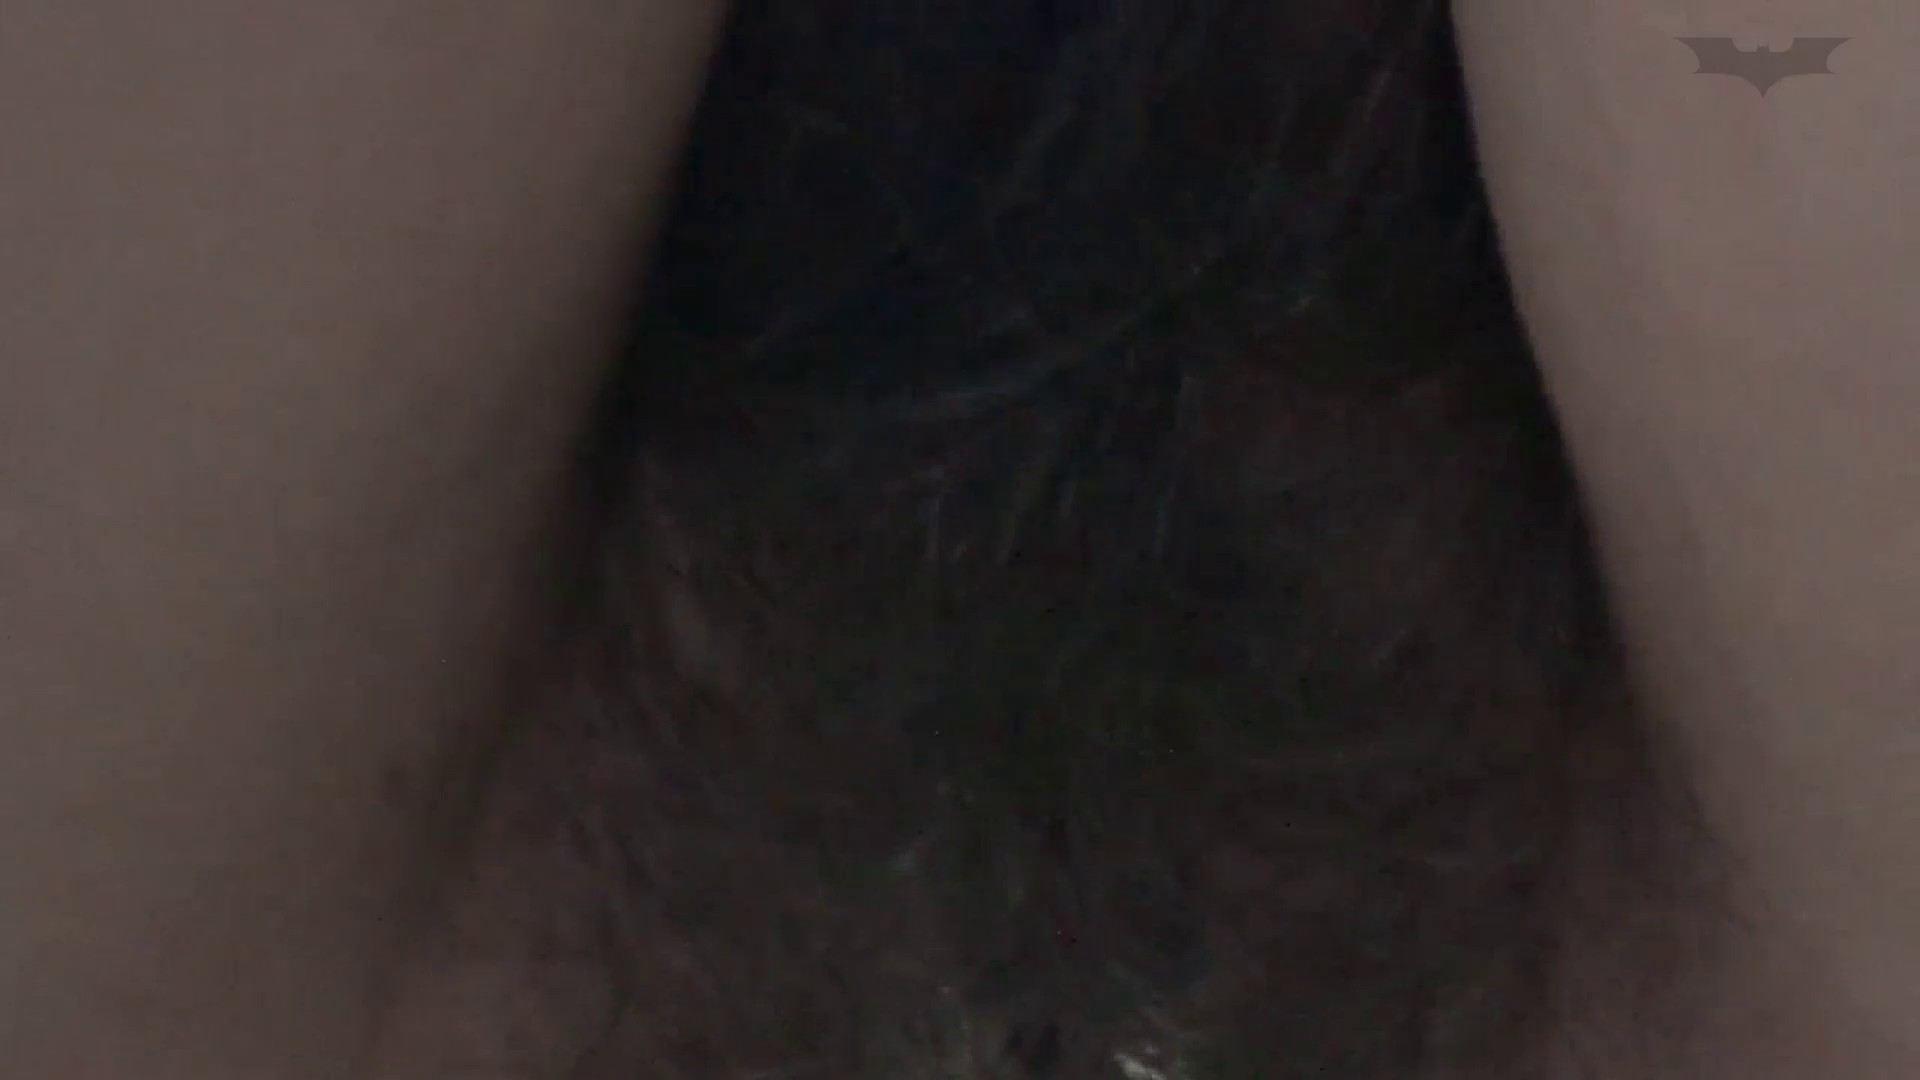 JD盗撮 美女の洗面所の秘密 Vol.60 盗撮 | 高画質  81画像 75